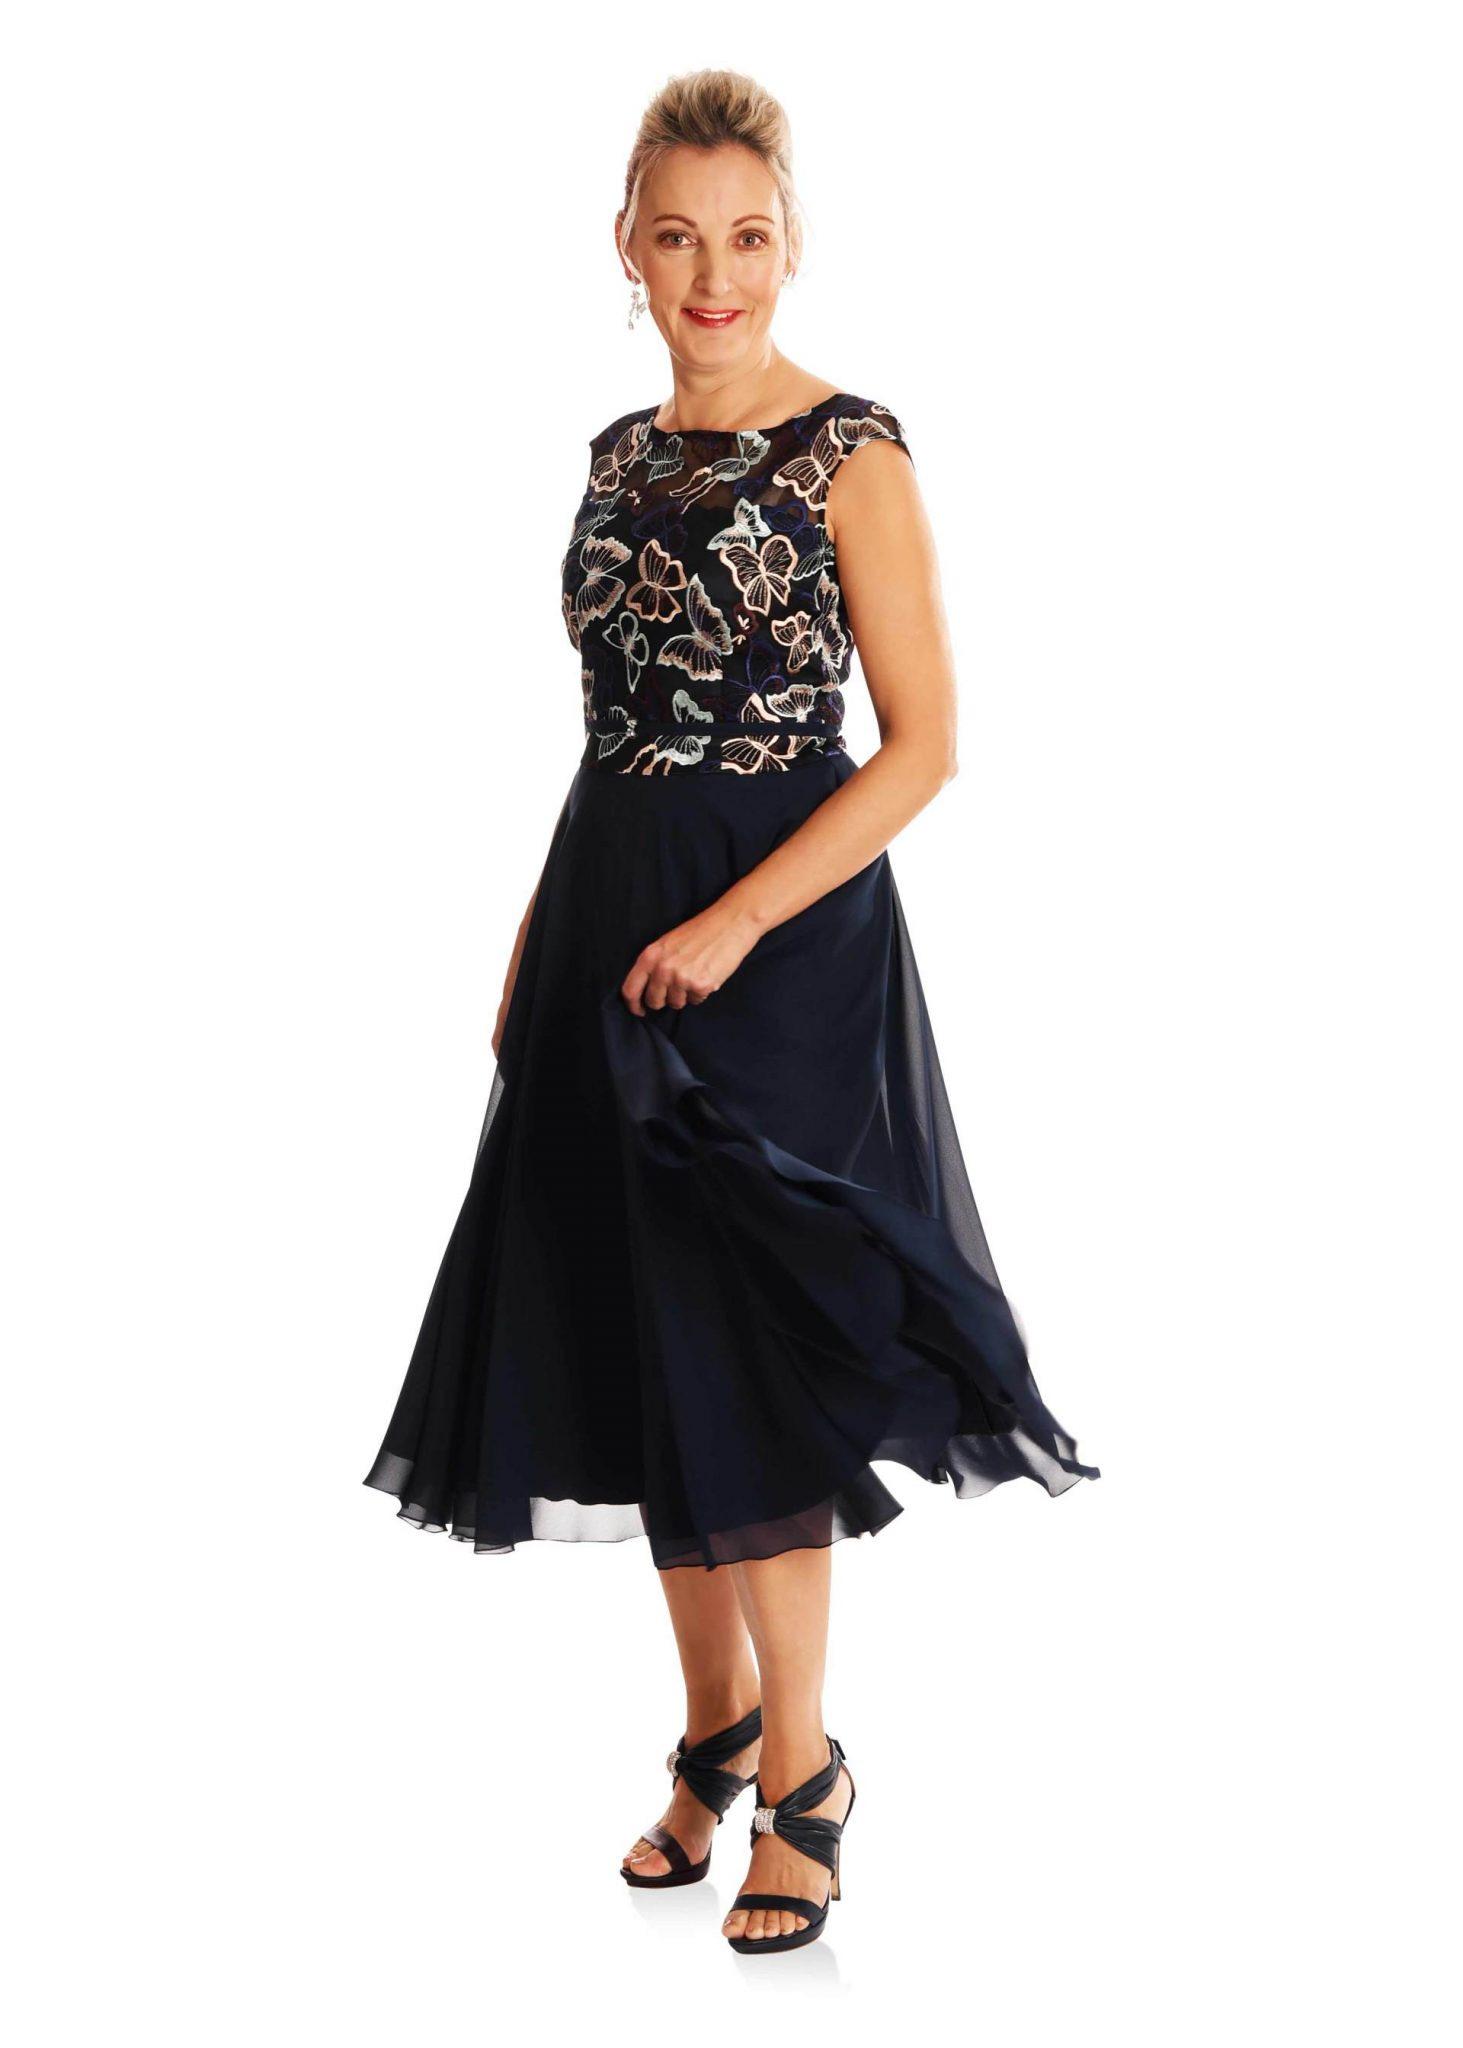 Luxus Abend Kleid München BoutiqueDesigner Kreativ Abend Kleid München Galerie